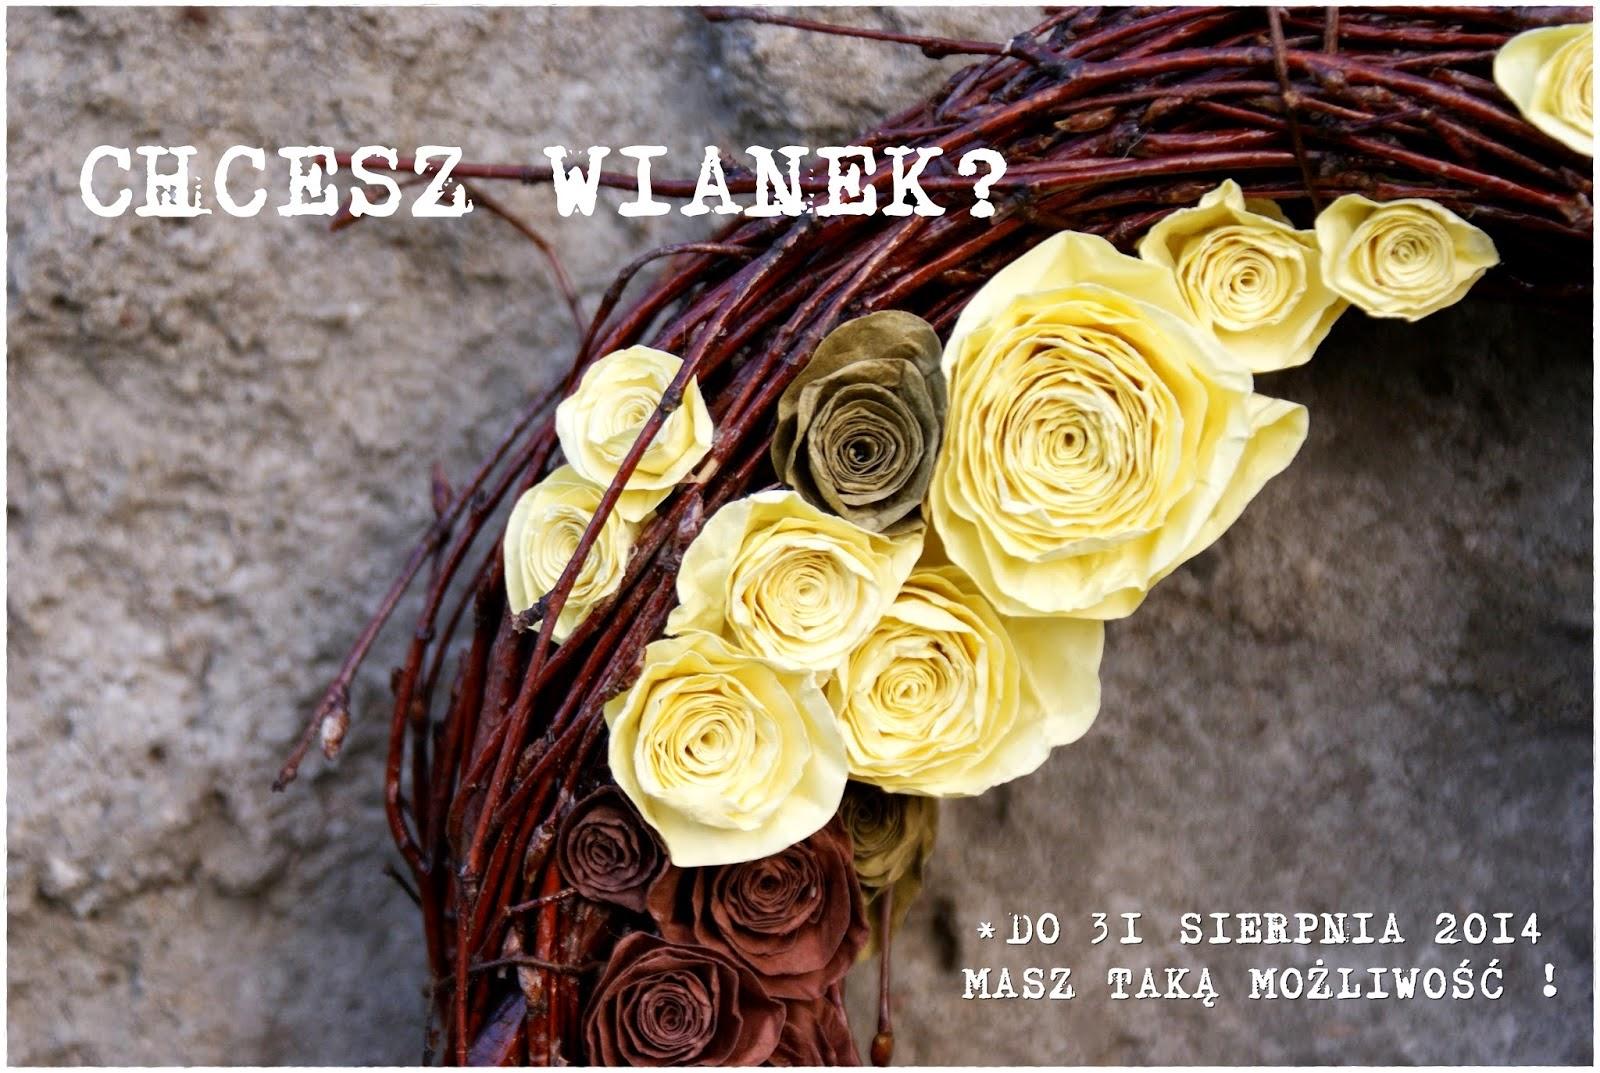 Wianek